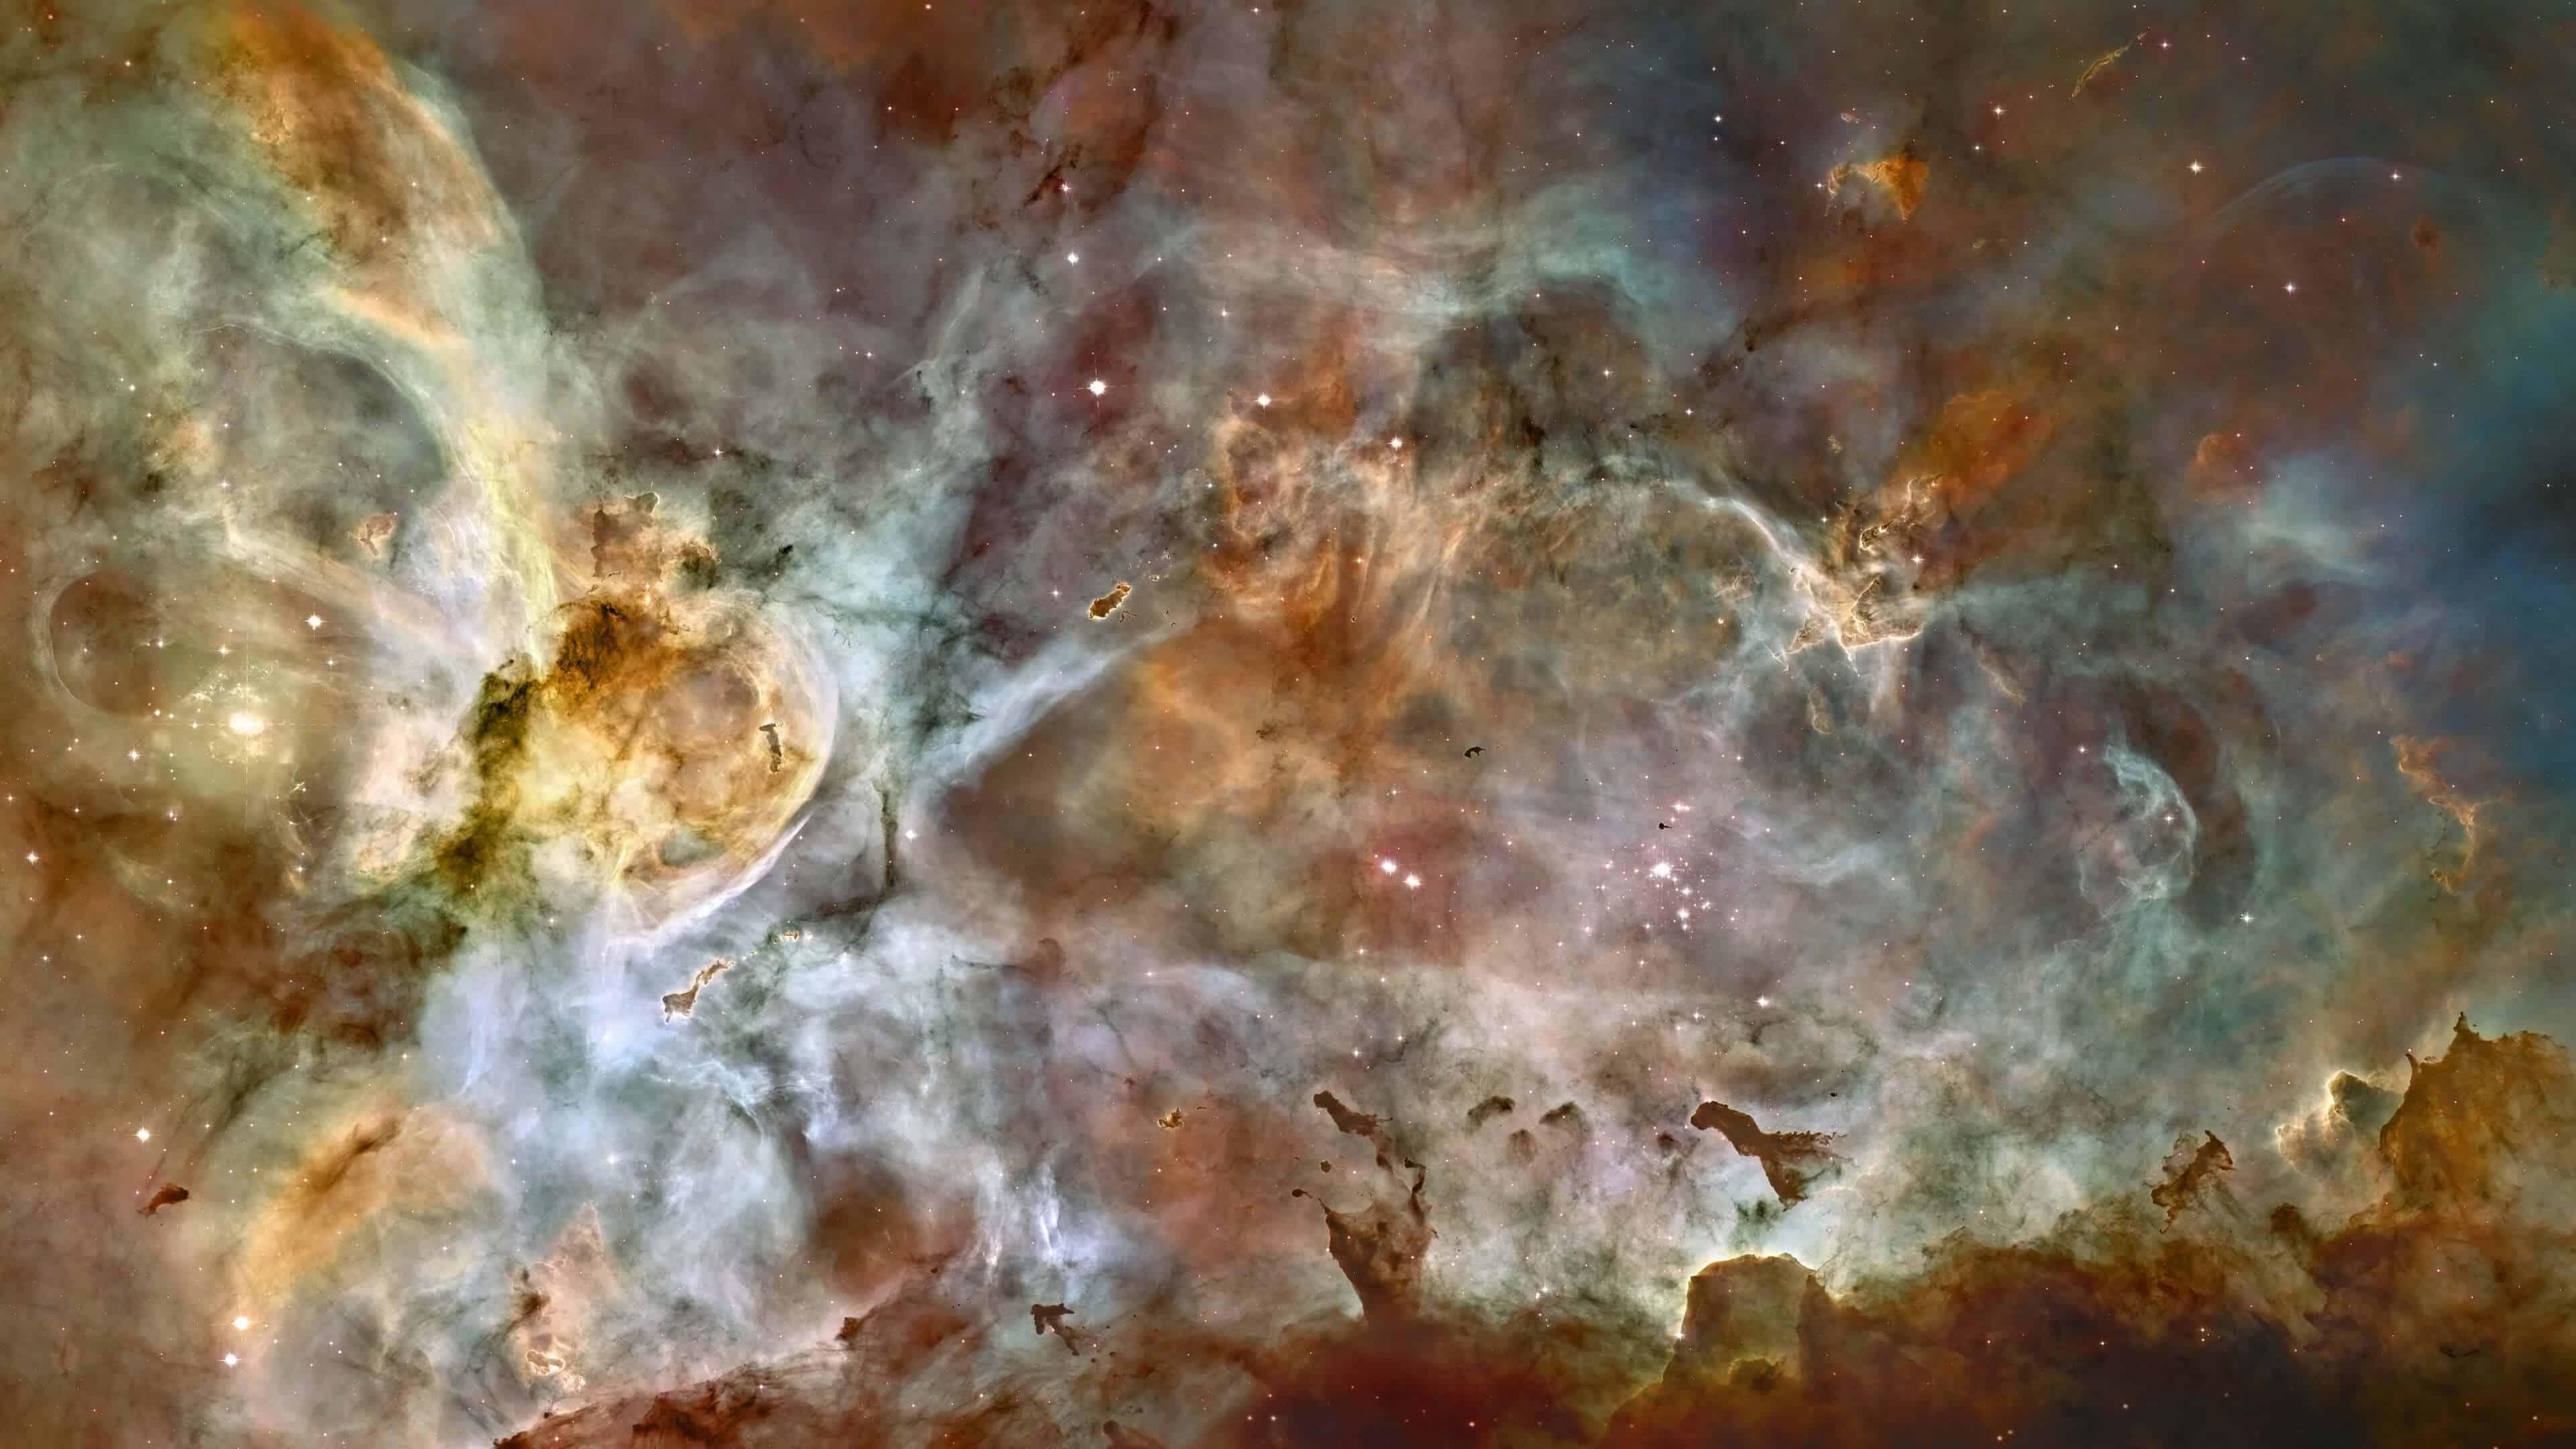 carina nebula uhd 4k wallpaper